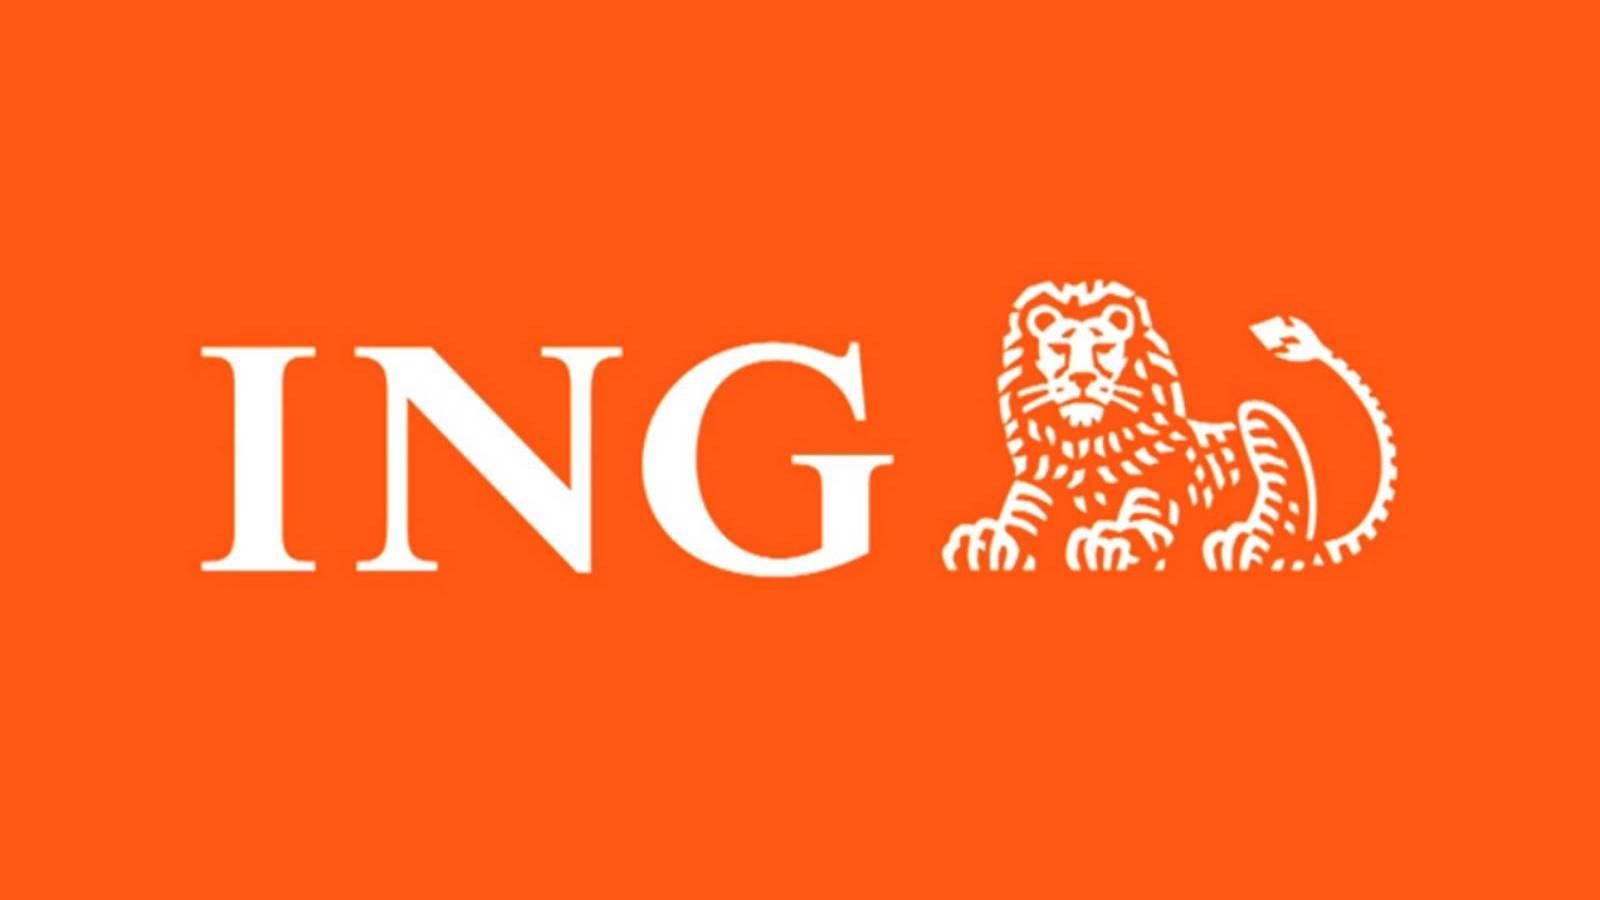 ING Bank limitari